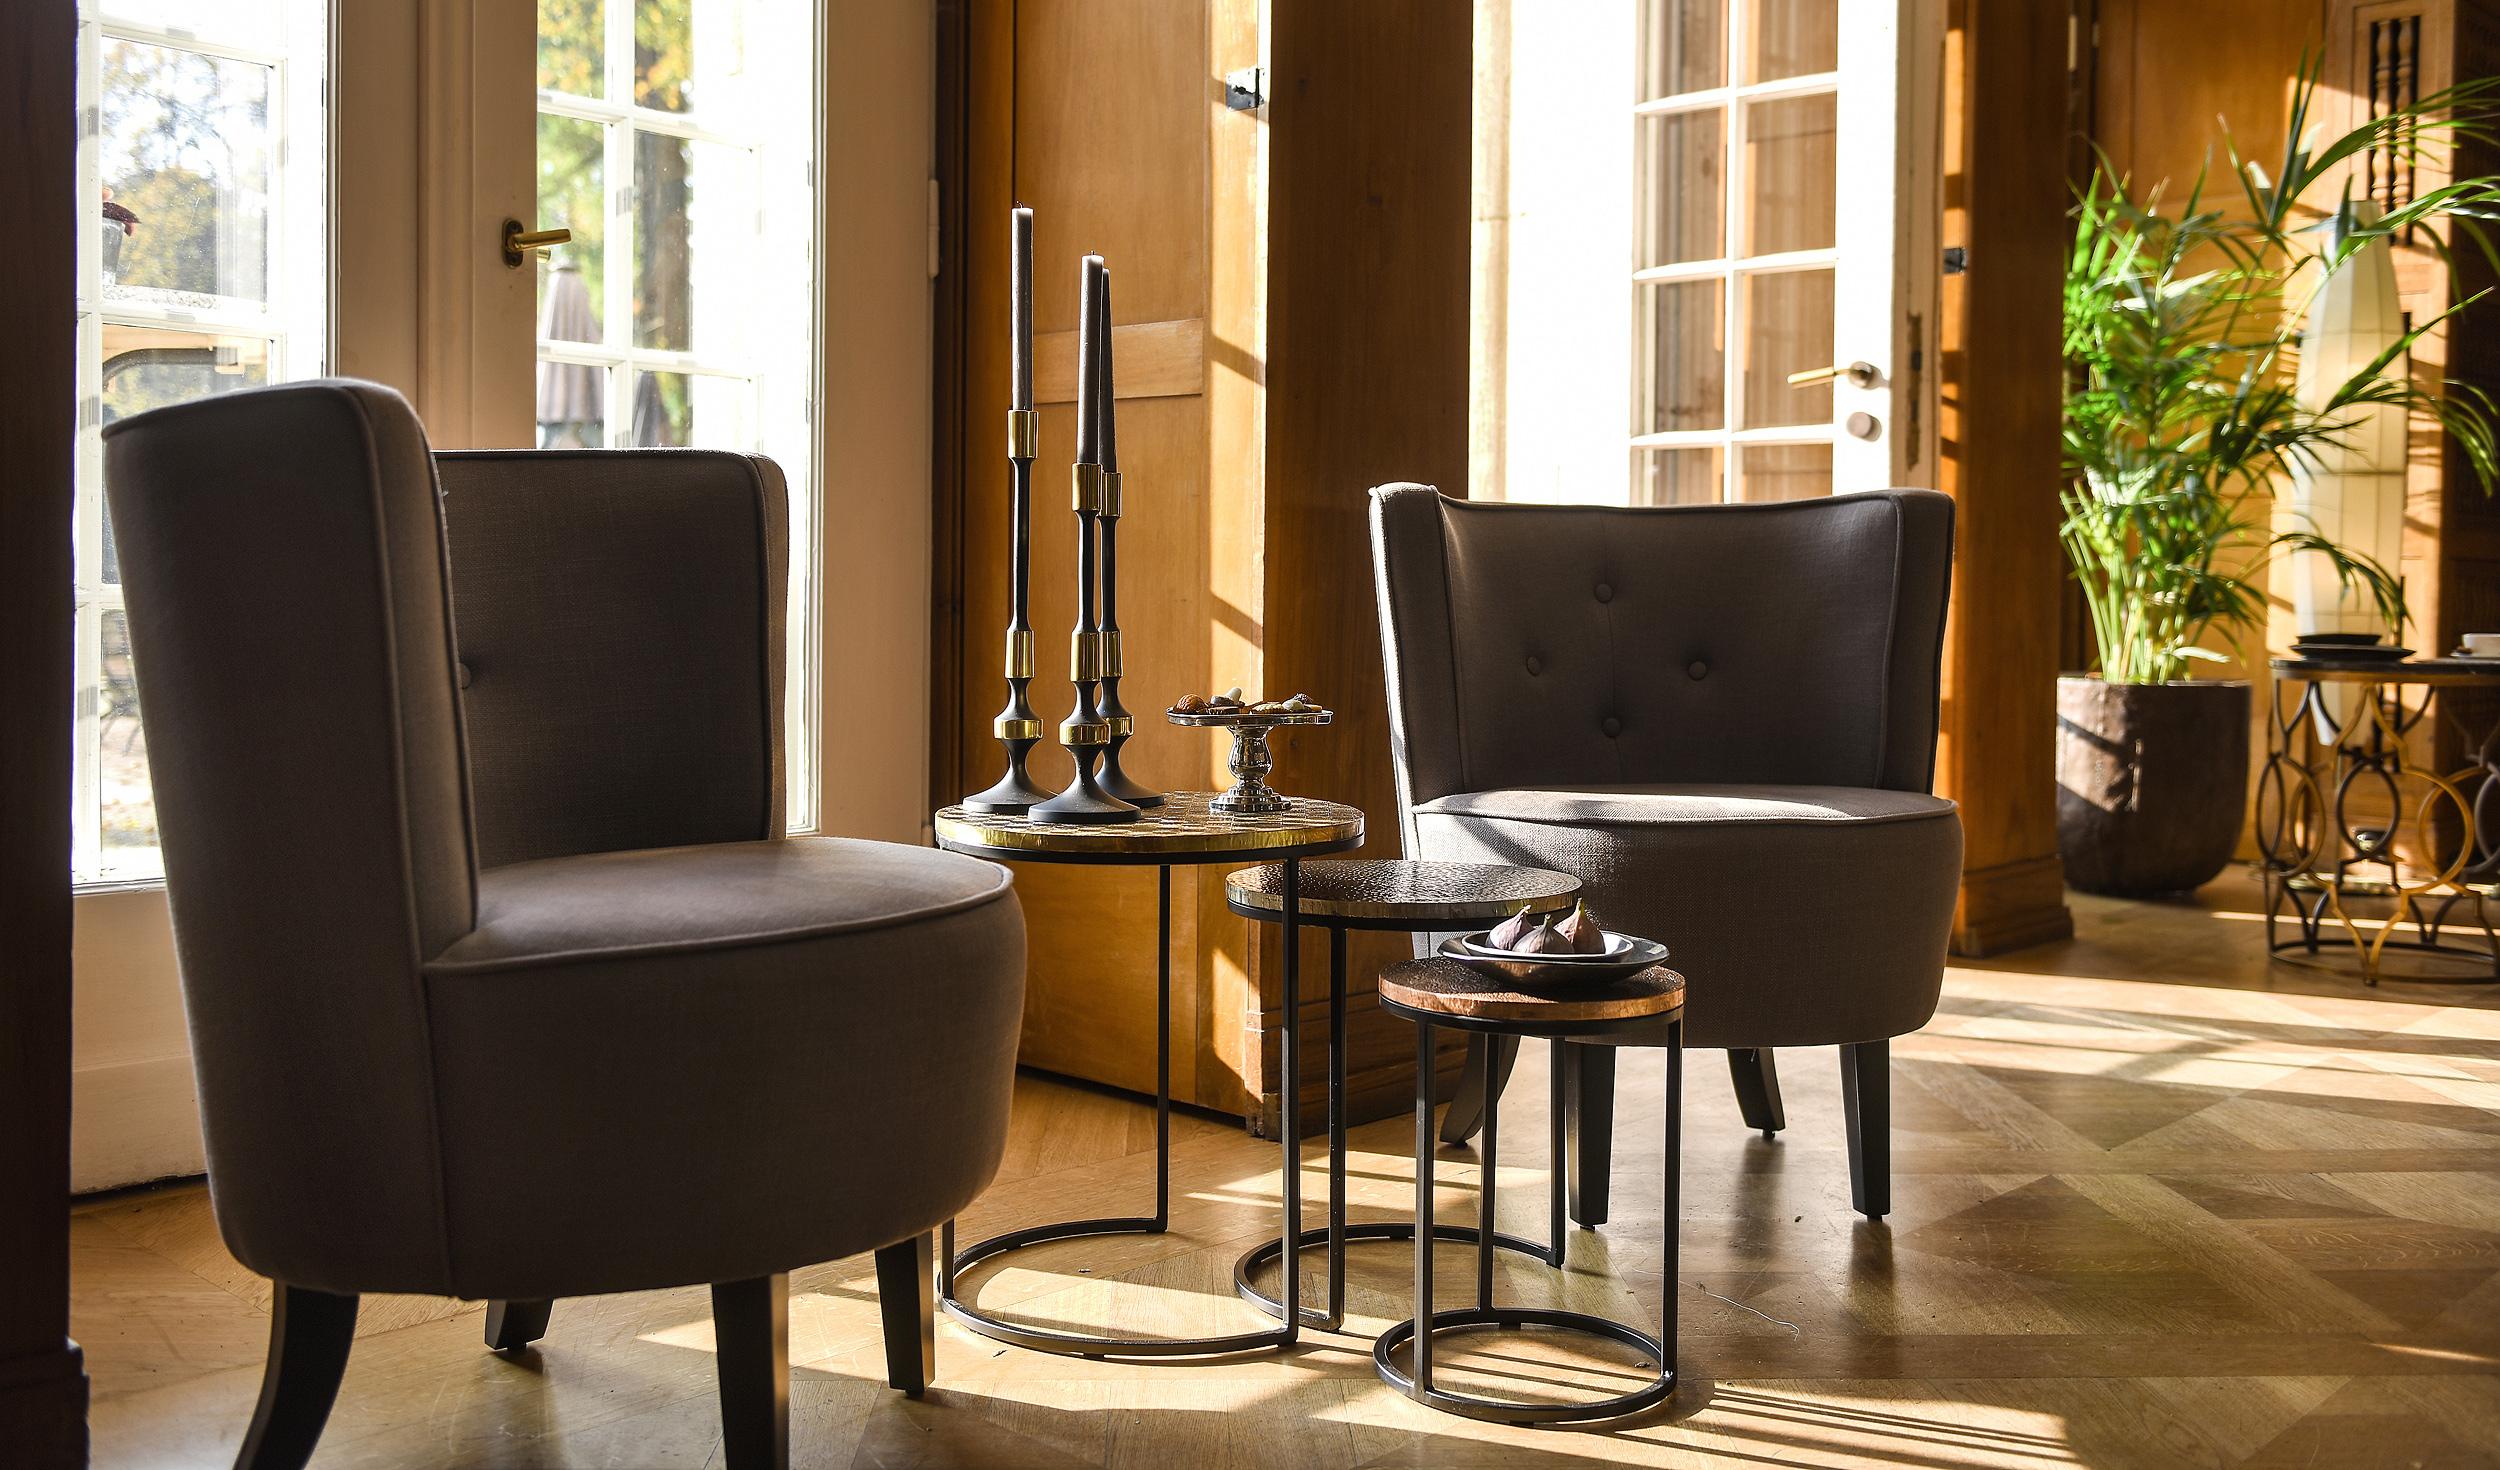 Mobiliarvariation - Schlosshotel Hasenwinkel